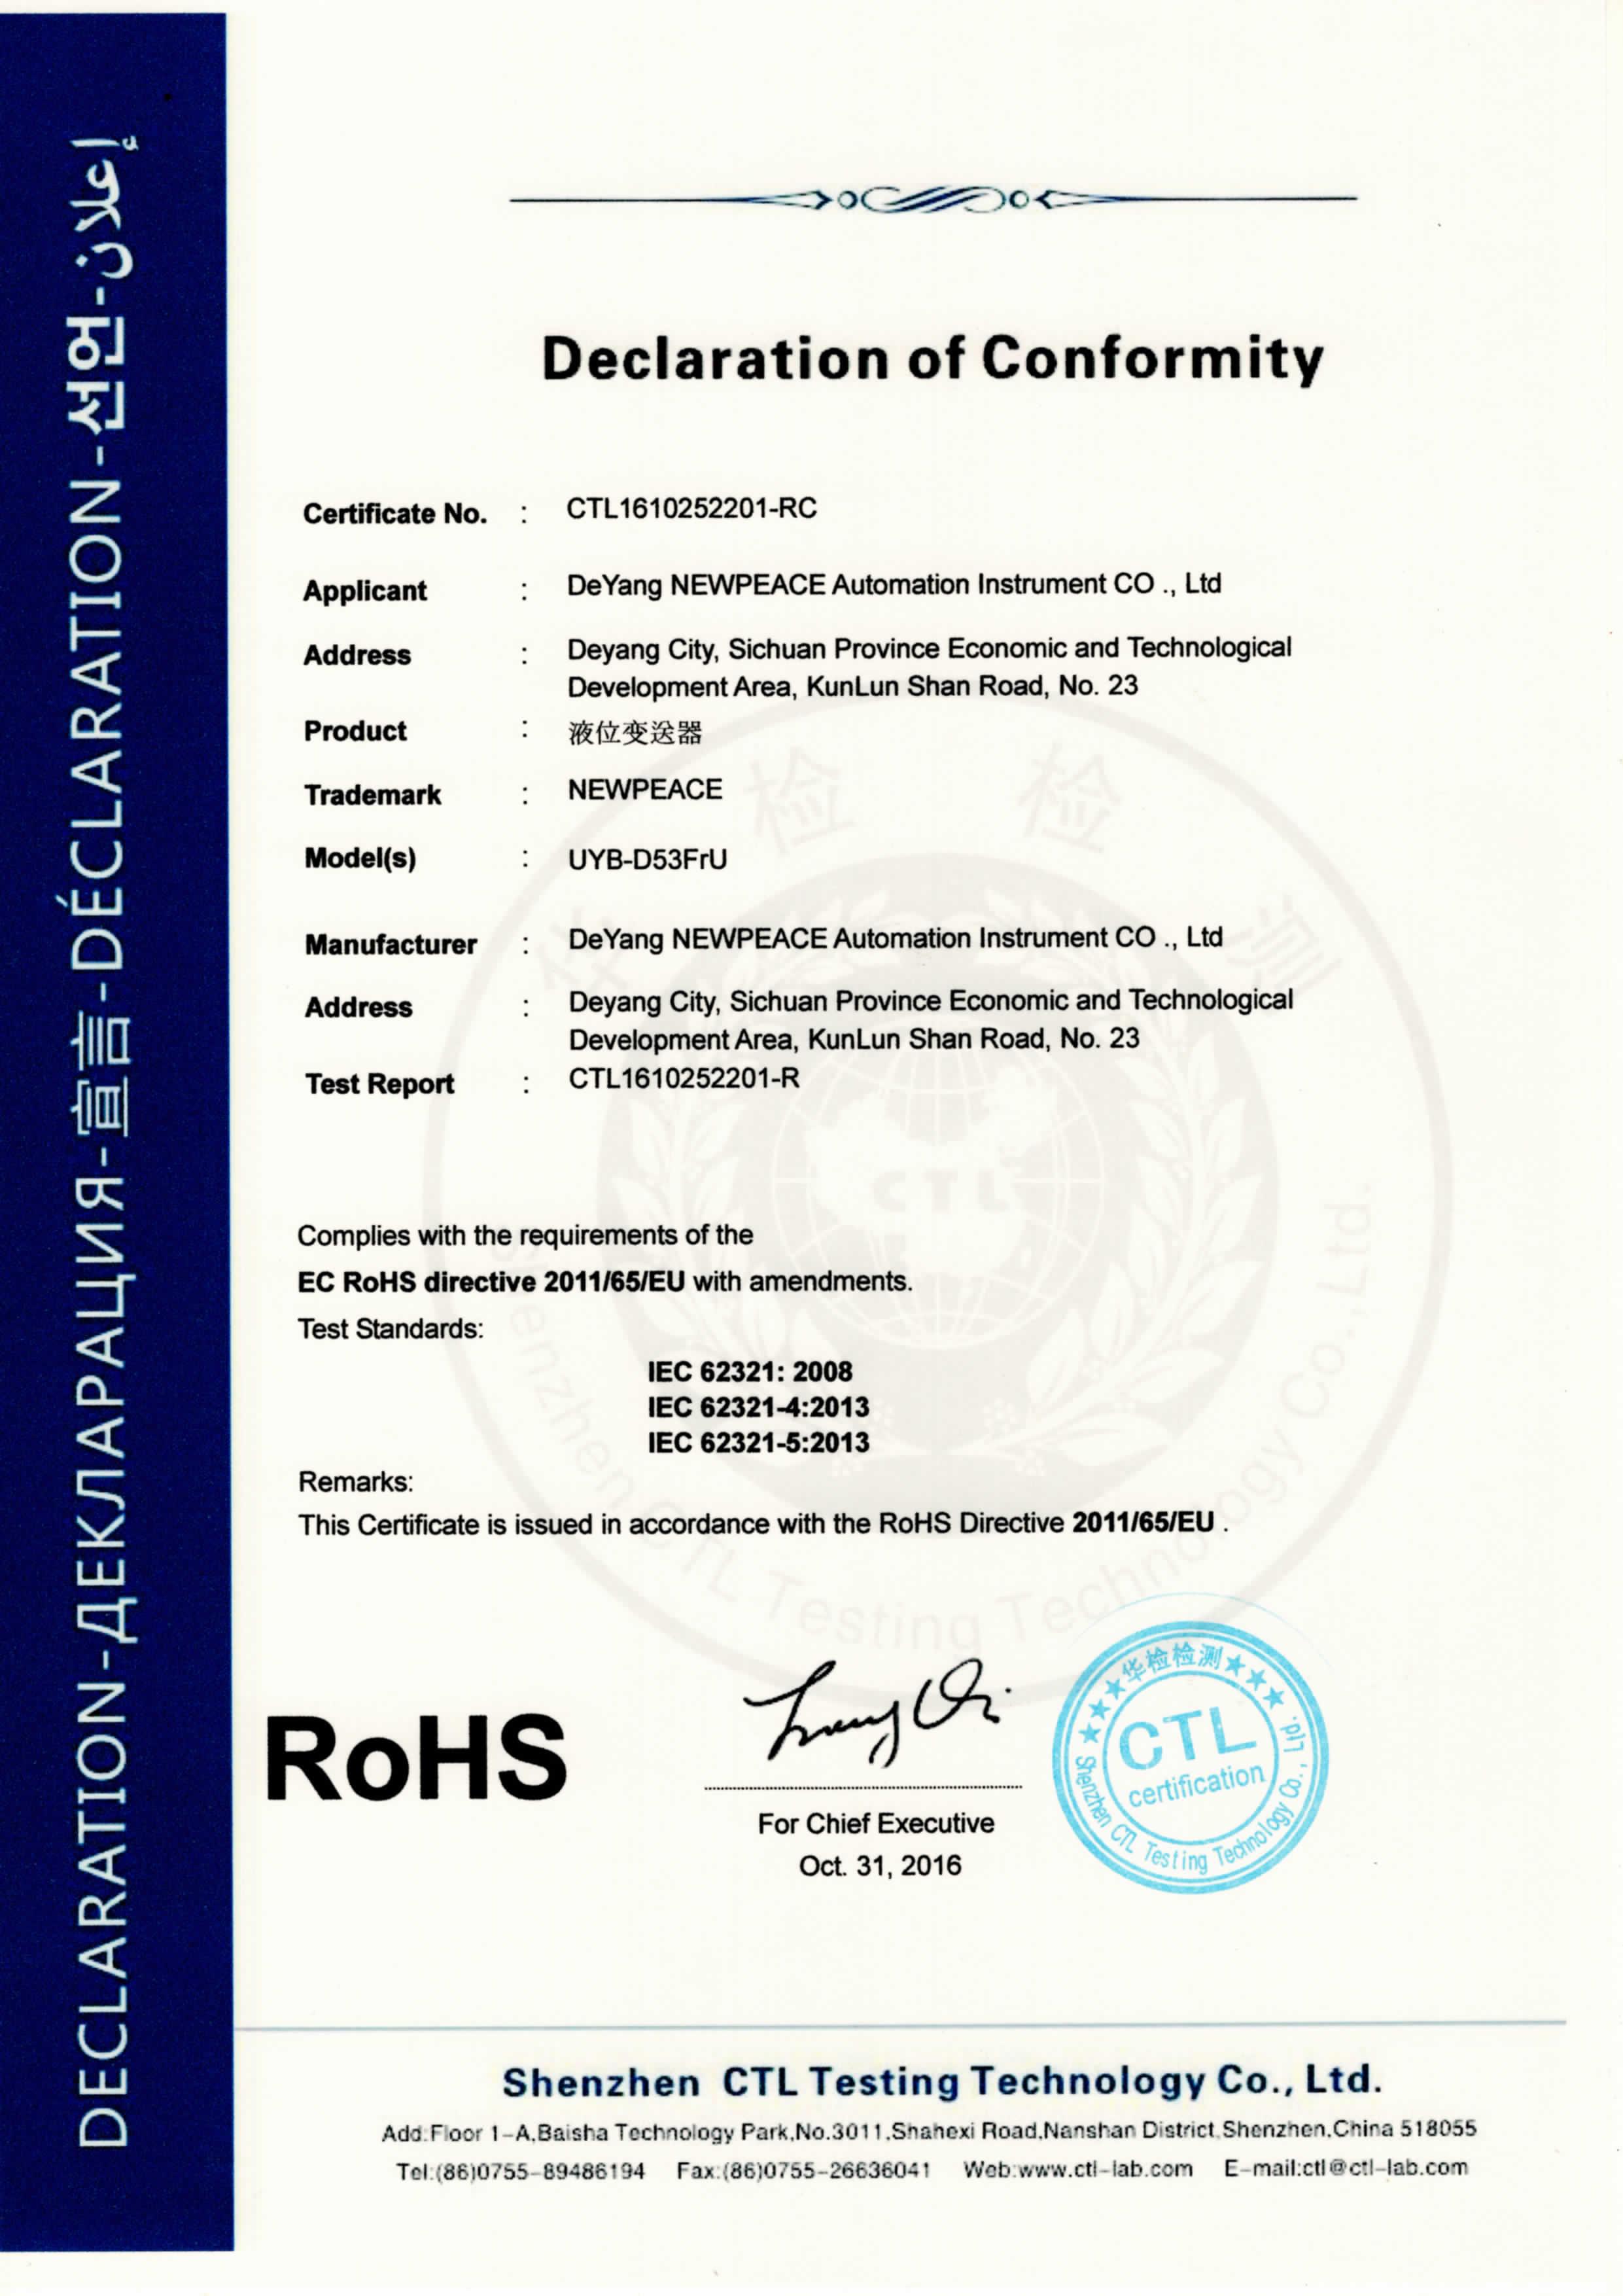 日本avapp下载CTL1610252201-RC证书